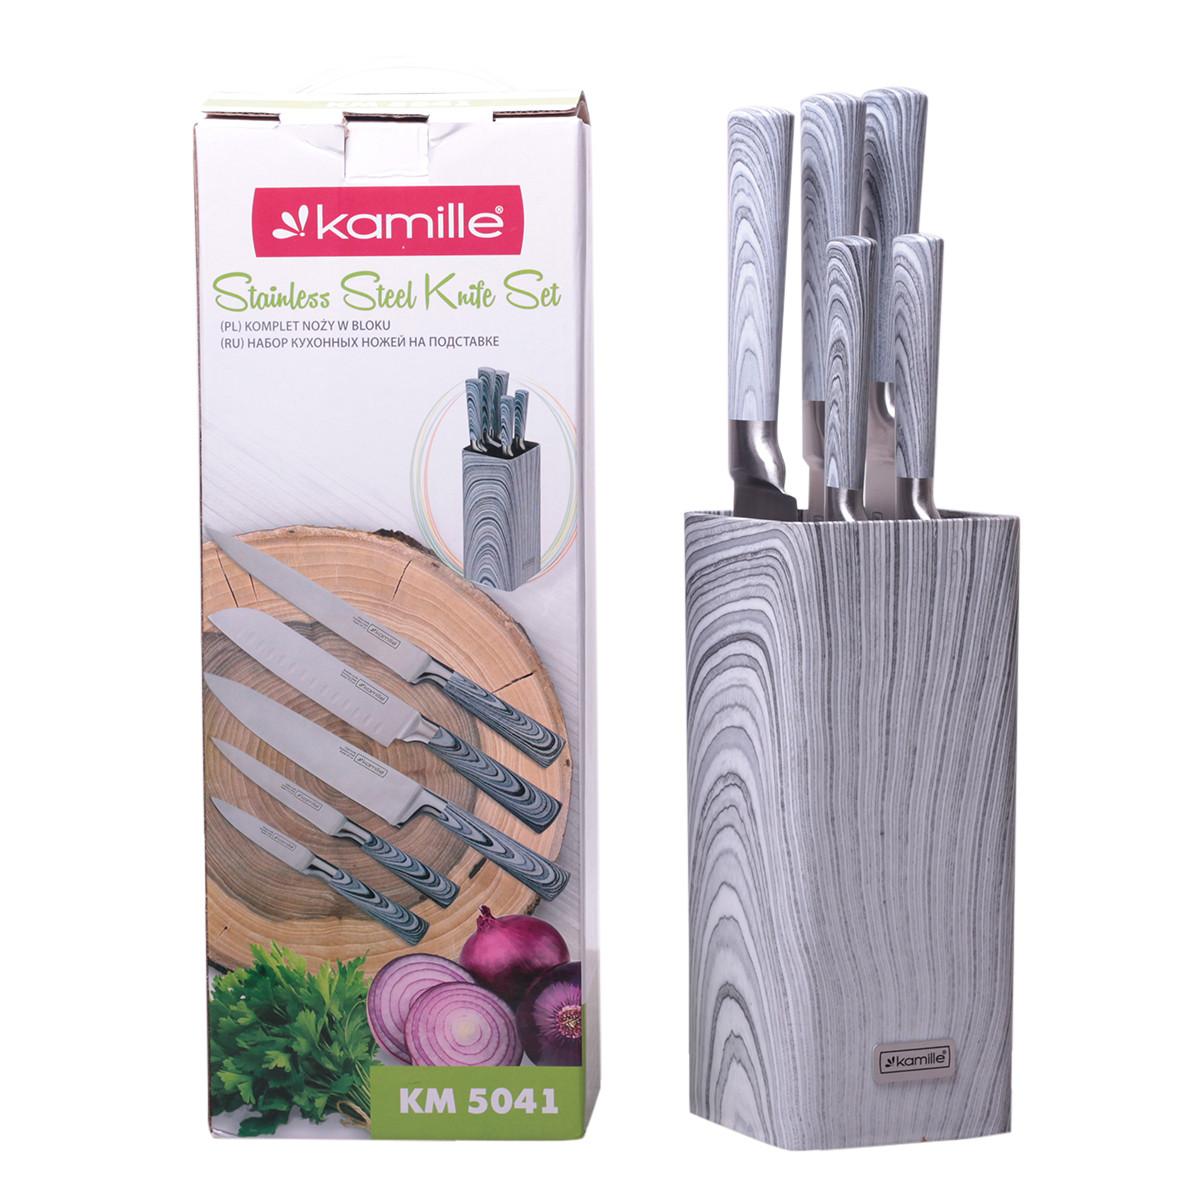 Набор ножей Kamille 6 предметов из нержавеющей стали (5 ножей+подставка) KM-5041